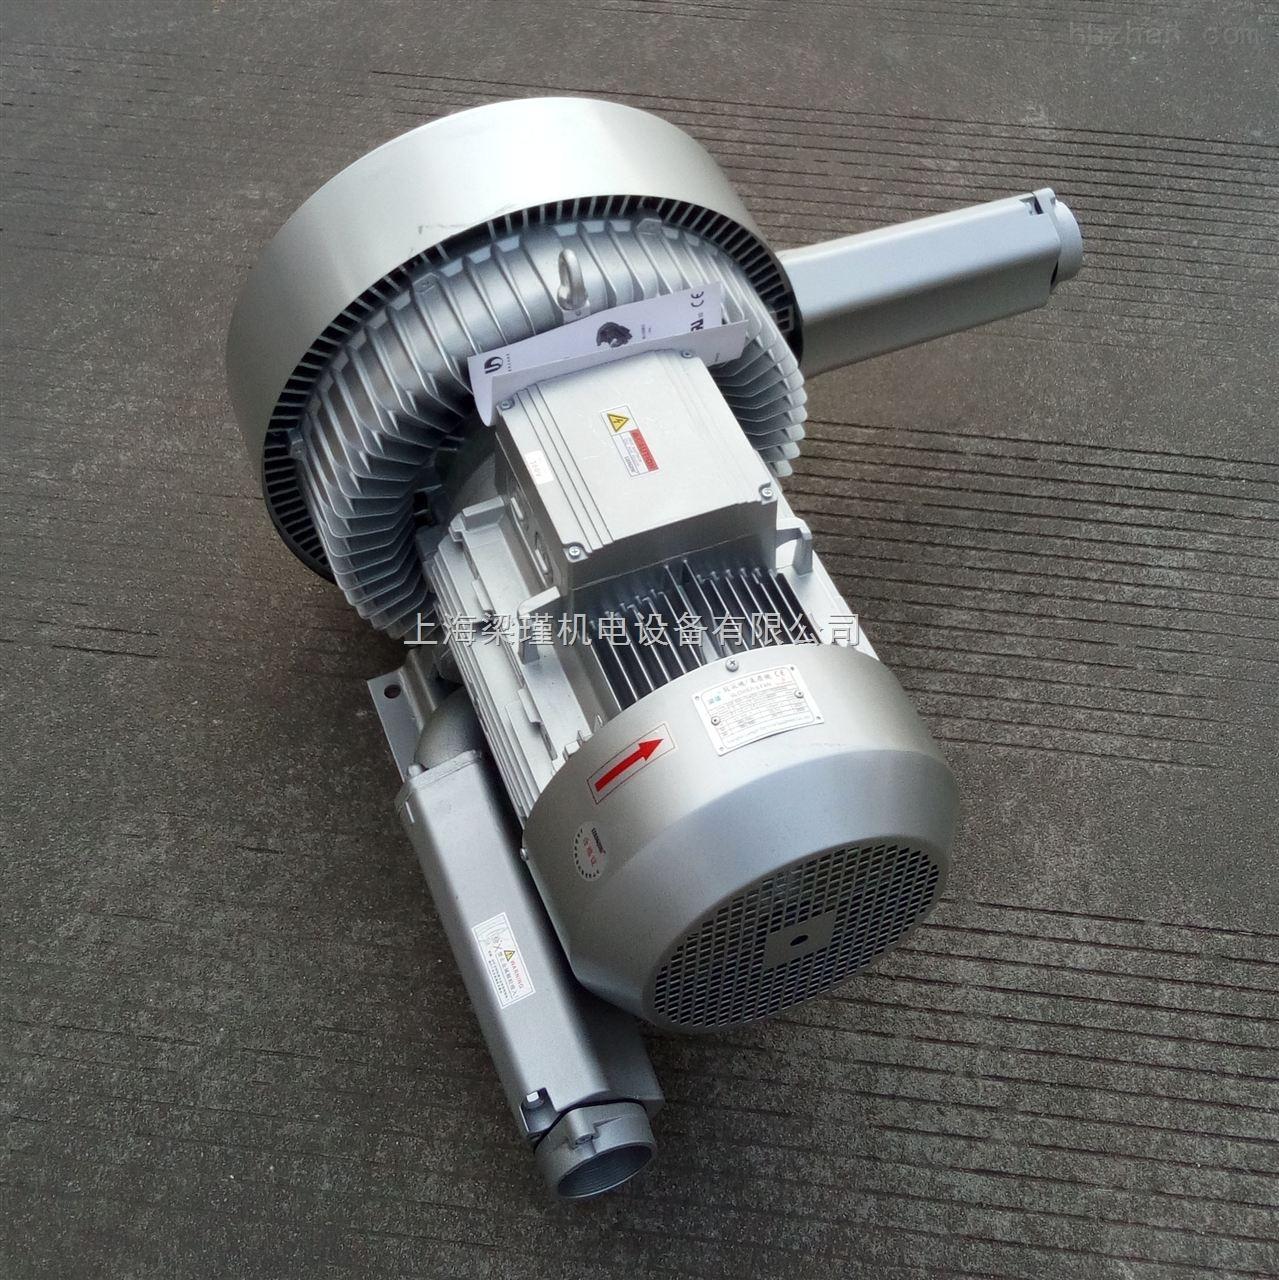 食品加工机械专用高压侧风道风机